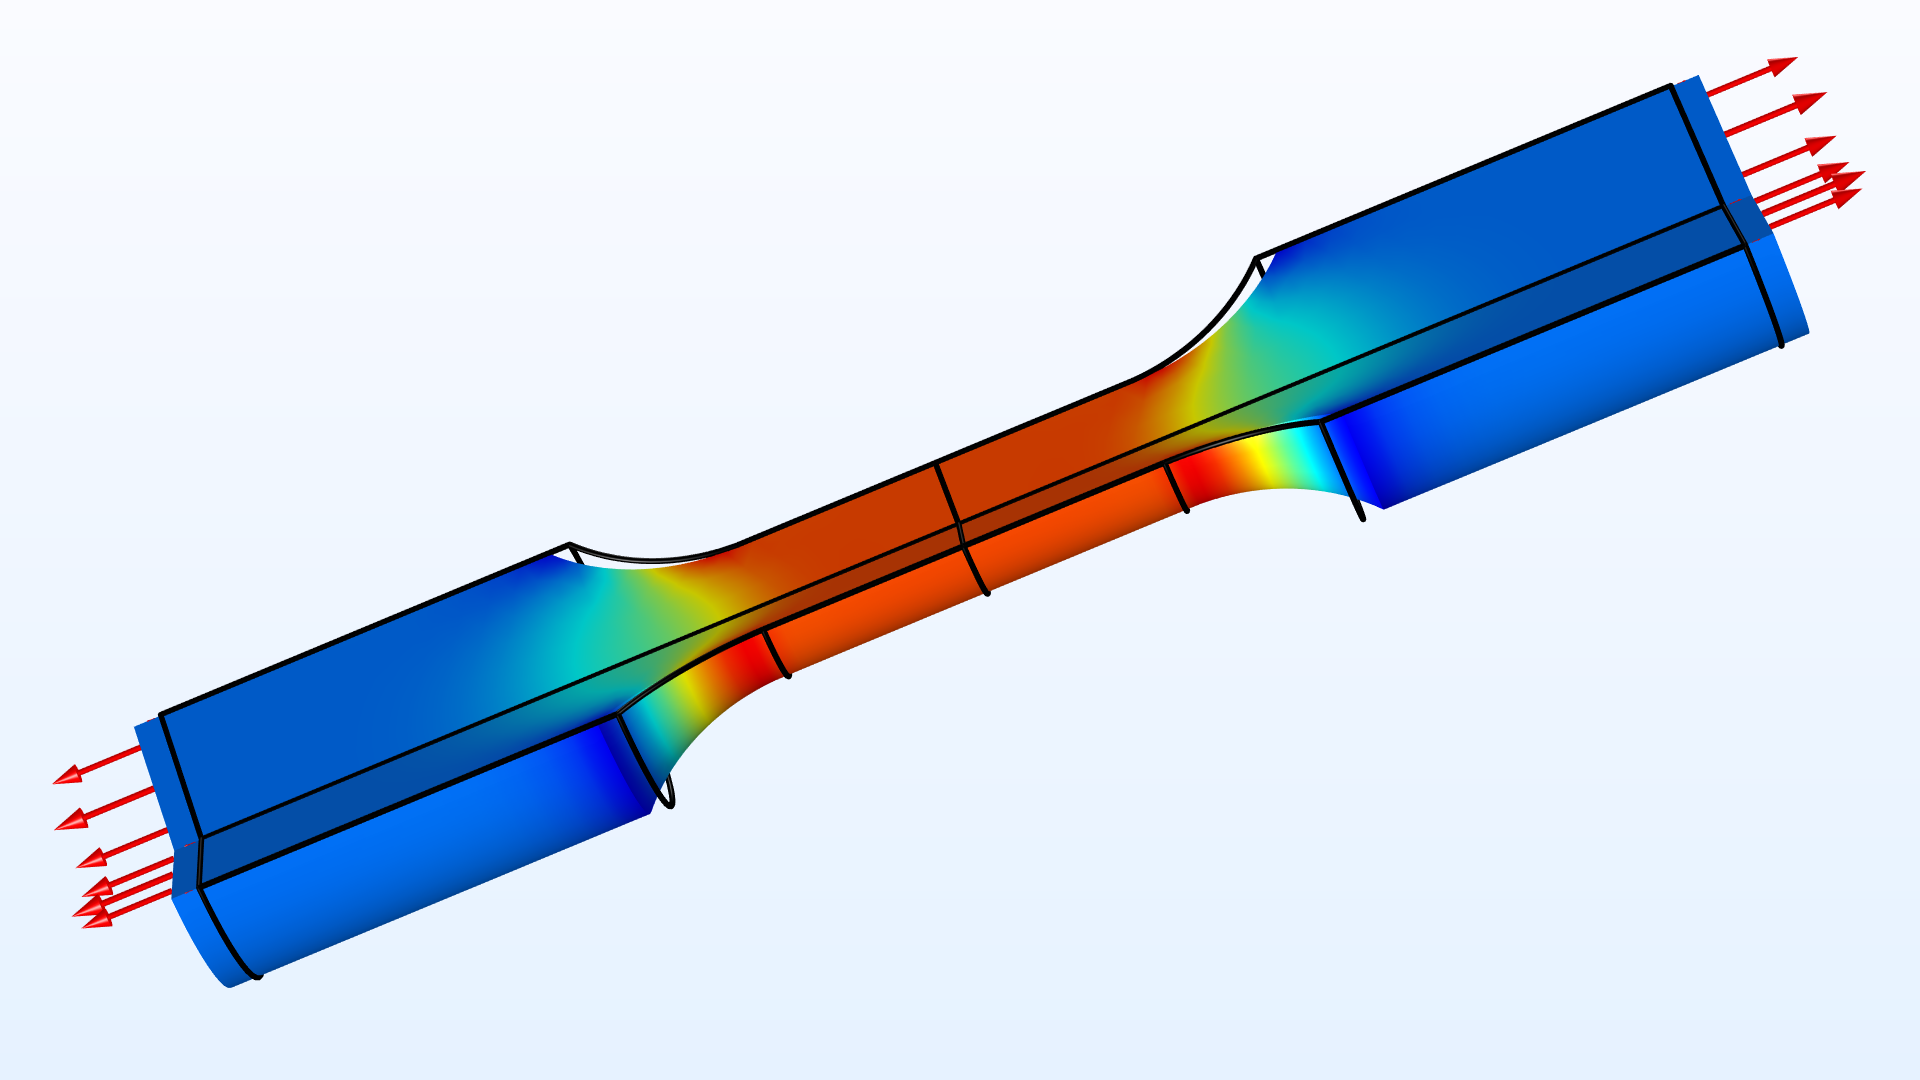 영률과 푸아송 비가 인장테스트를 기반으로 추정됩니다. 시험은 인장력과 축방향 변형을 측정합니다. 모델은 모델 자체에서 생성된 합성데이터를 기반으로 합니다.